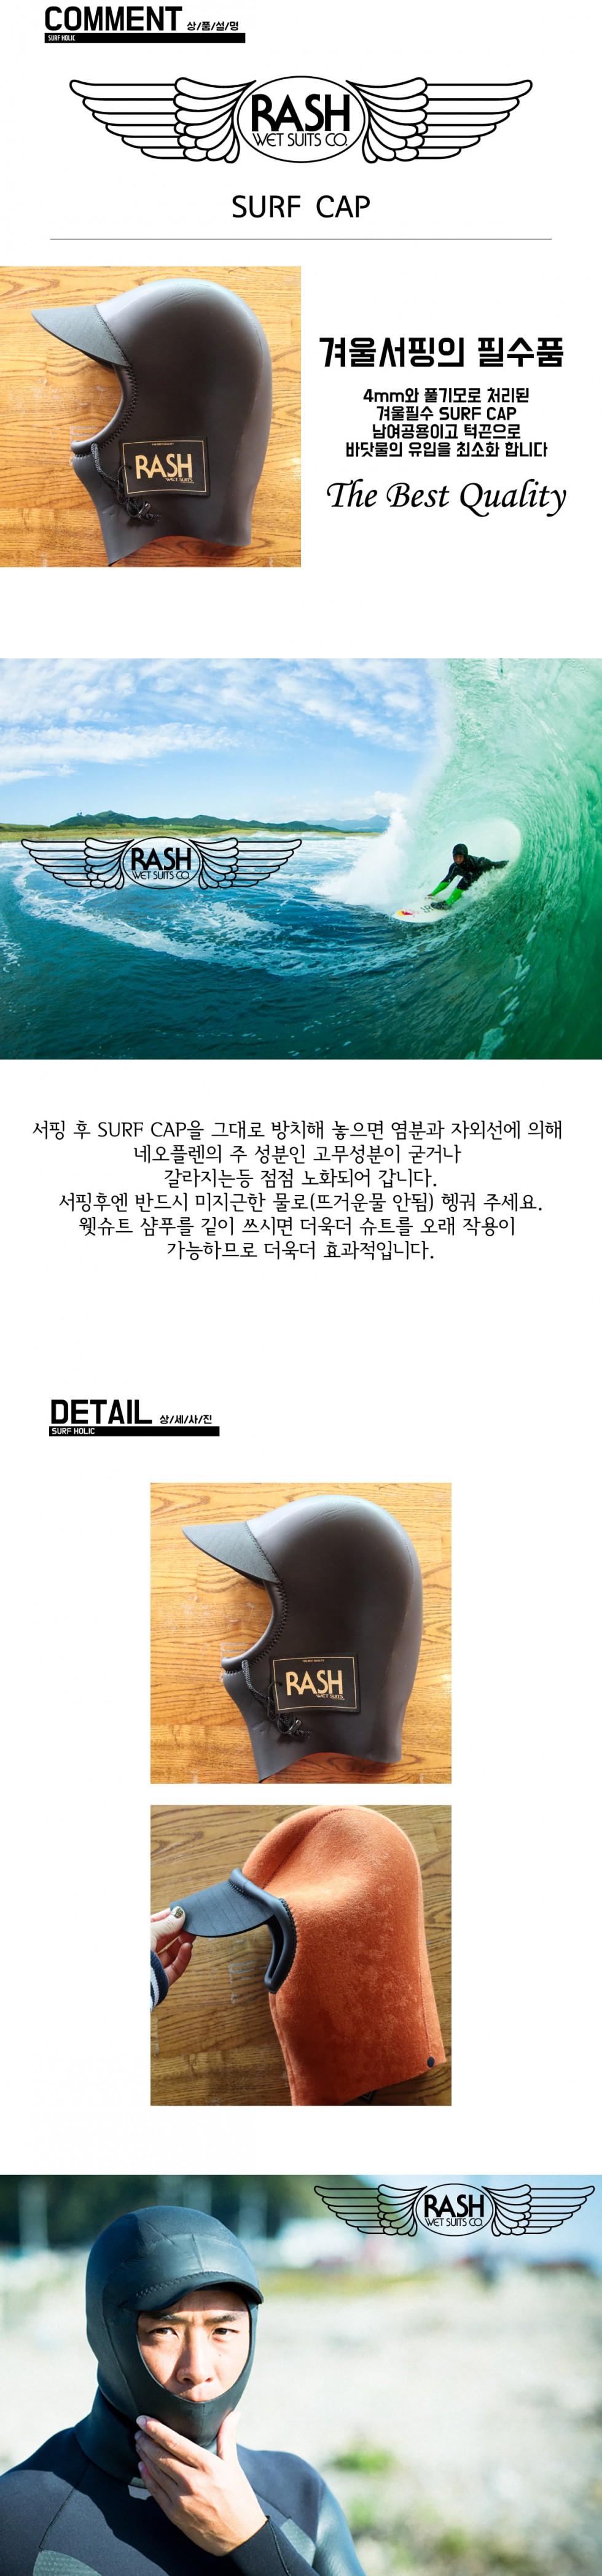 surfcap.jpg